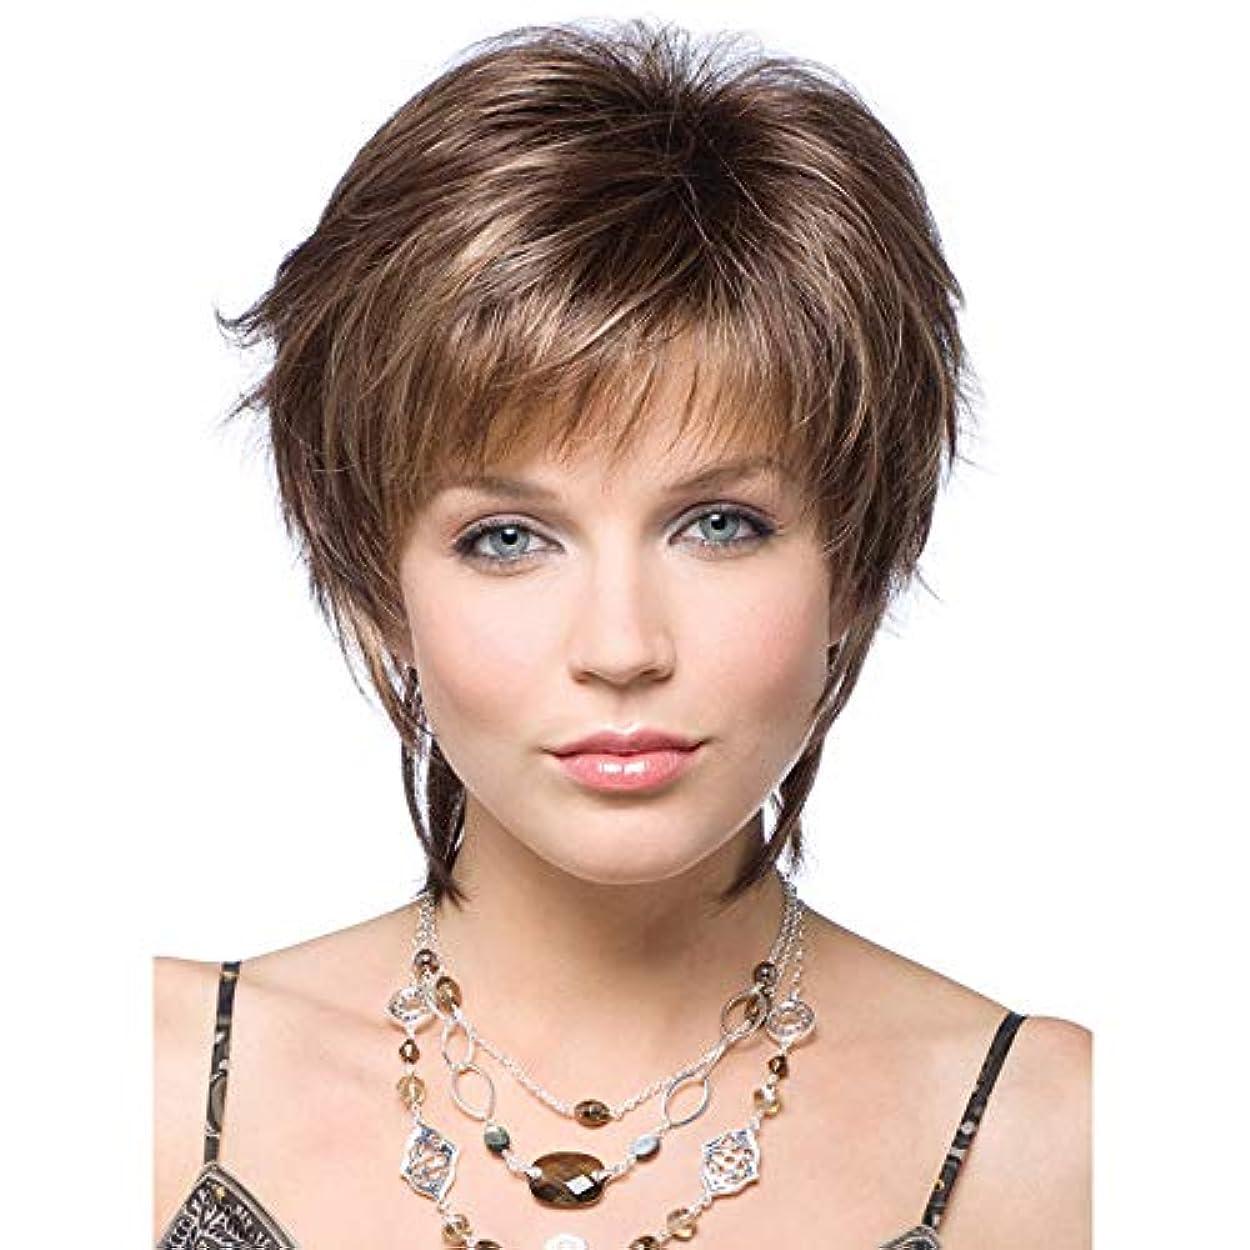 デッド学習者アダルト女性用かつら180%密度合成耐熱ショーツブラジル人毛ウィッグブラウン25cm